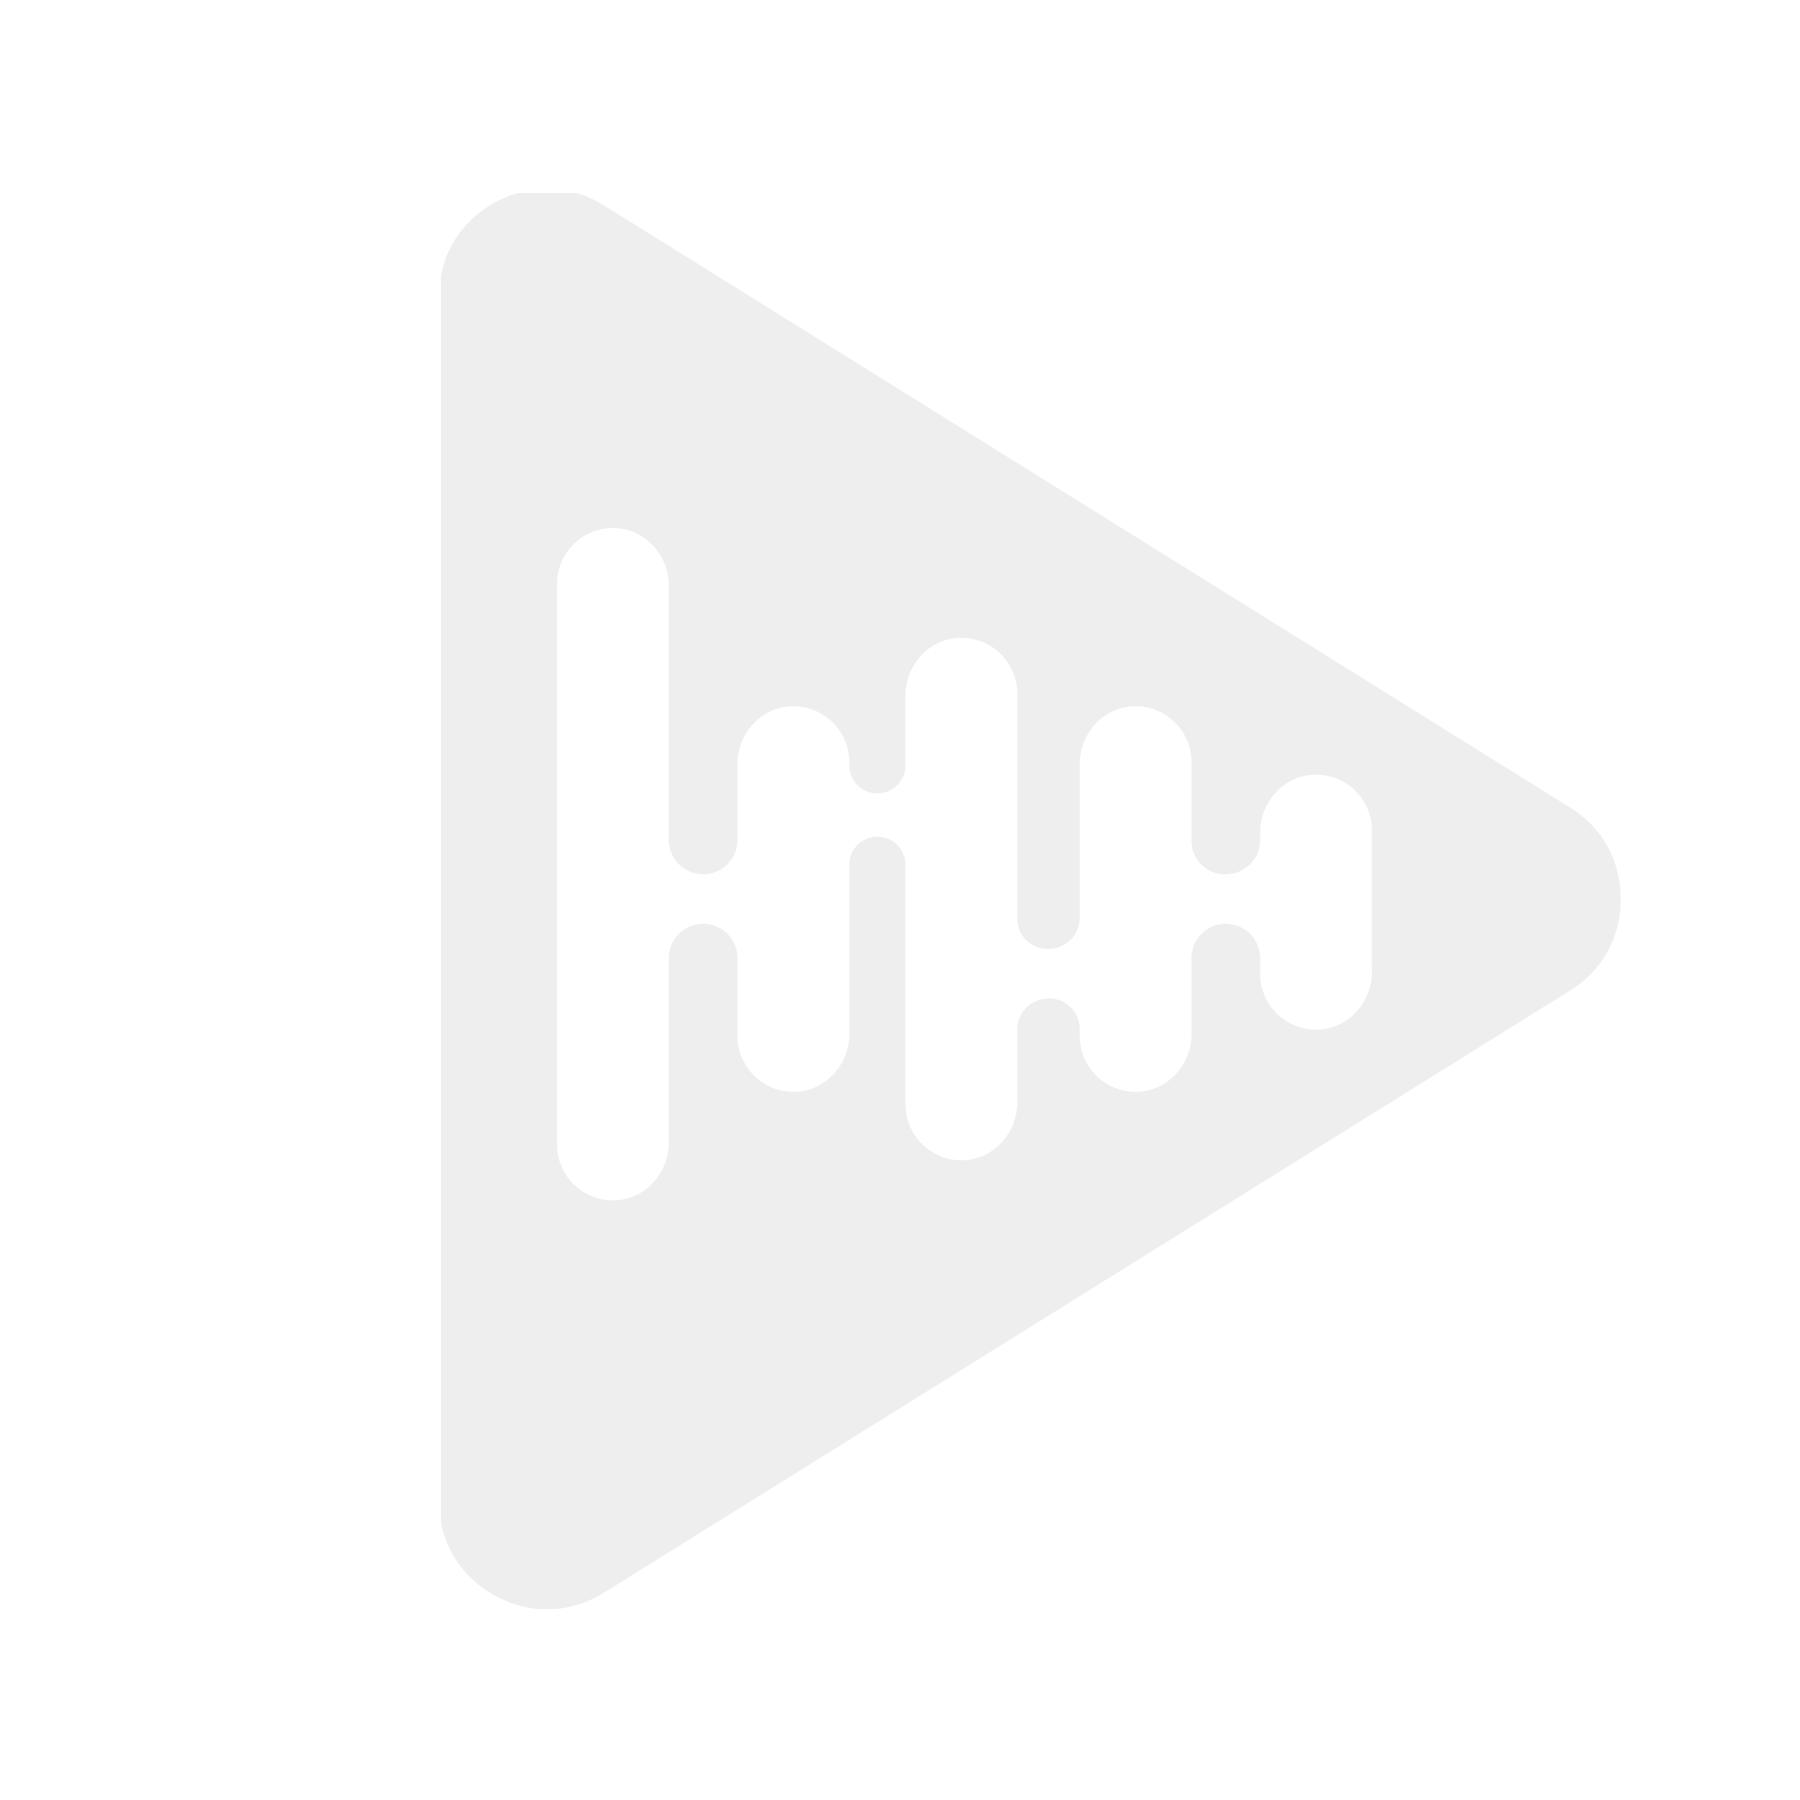 Metra AXADTY01 - Kabelsett til AXADBOX1/2 - Toyota, Lexus ('02 >) m/aktivt system